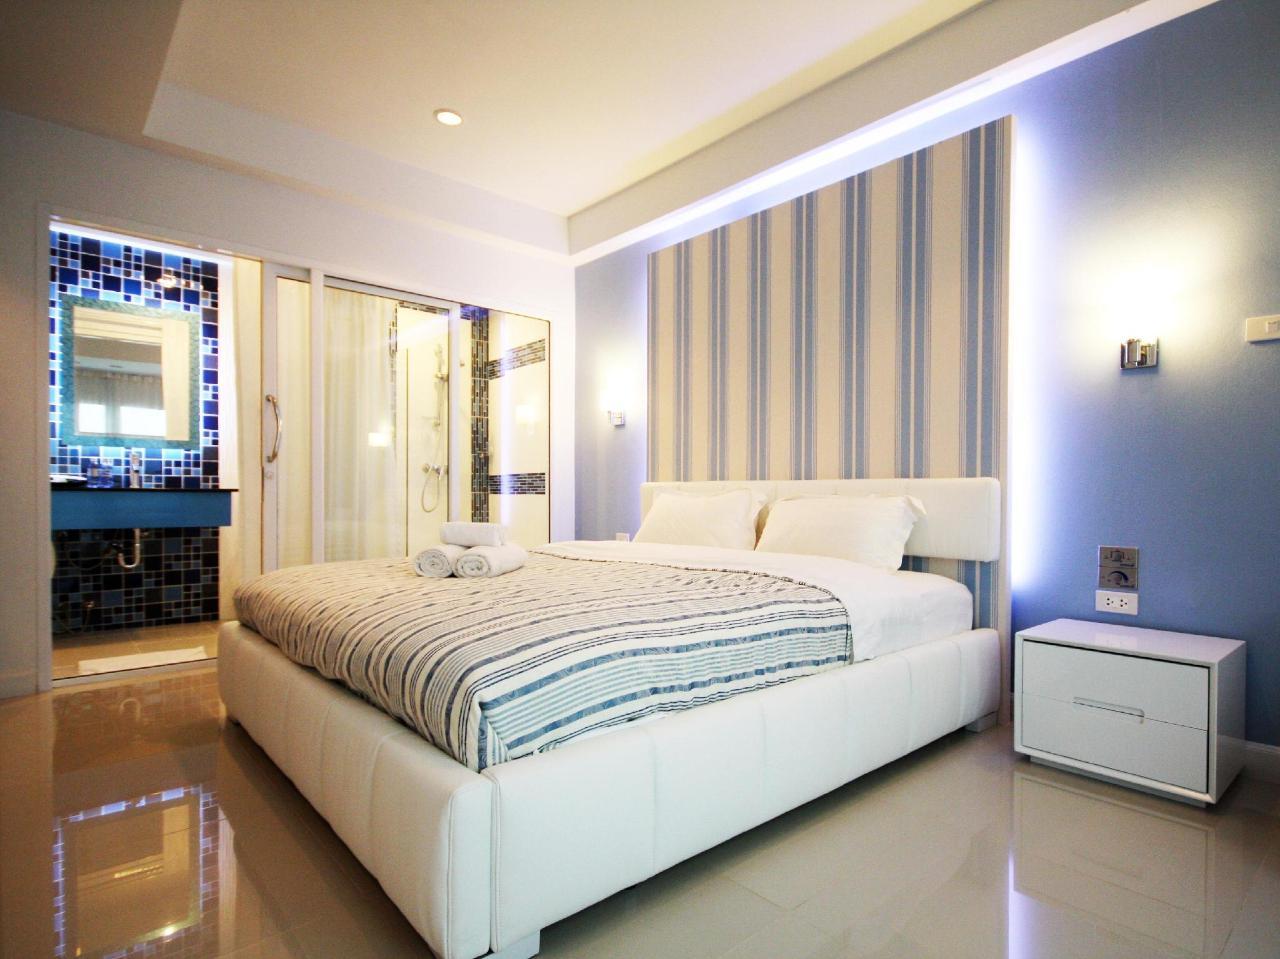 แอคเซส อินน์ พัทยา (Access Inn Pattaya)